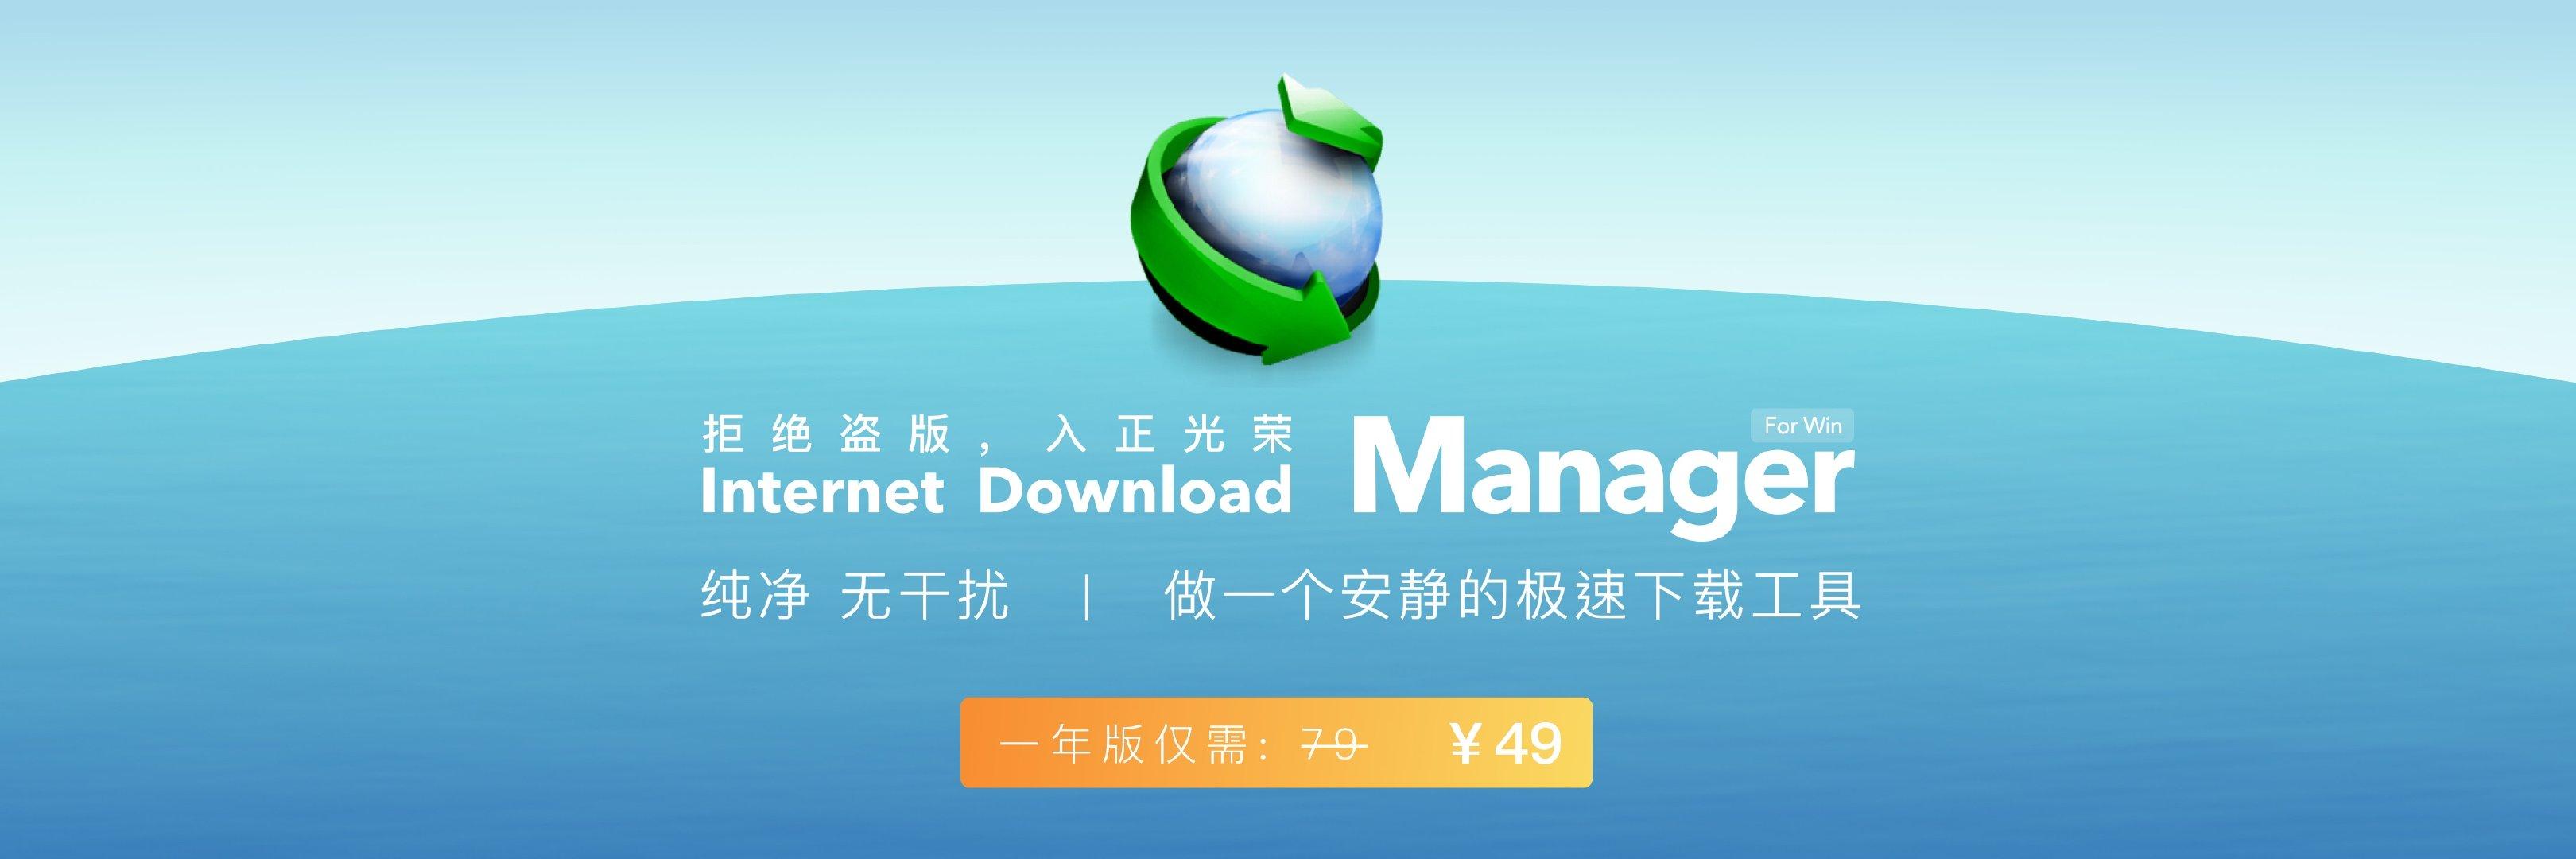 下载利器-Internet Download Manager 原价 169 元,限时优惠价 99 元终身授权/49元一年授权!